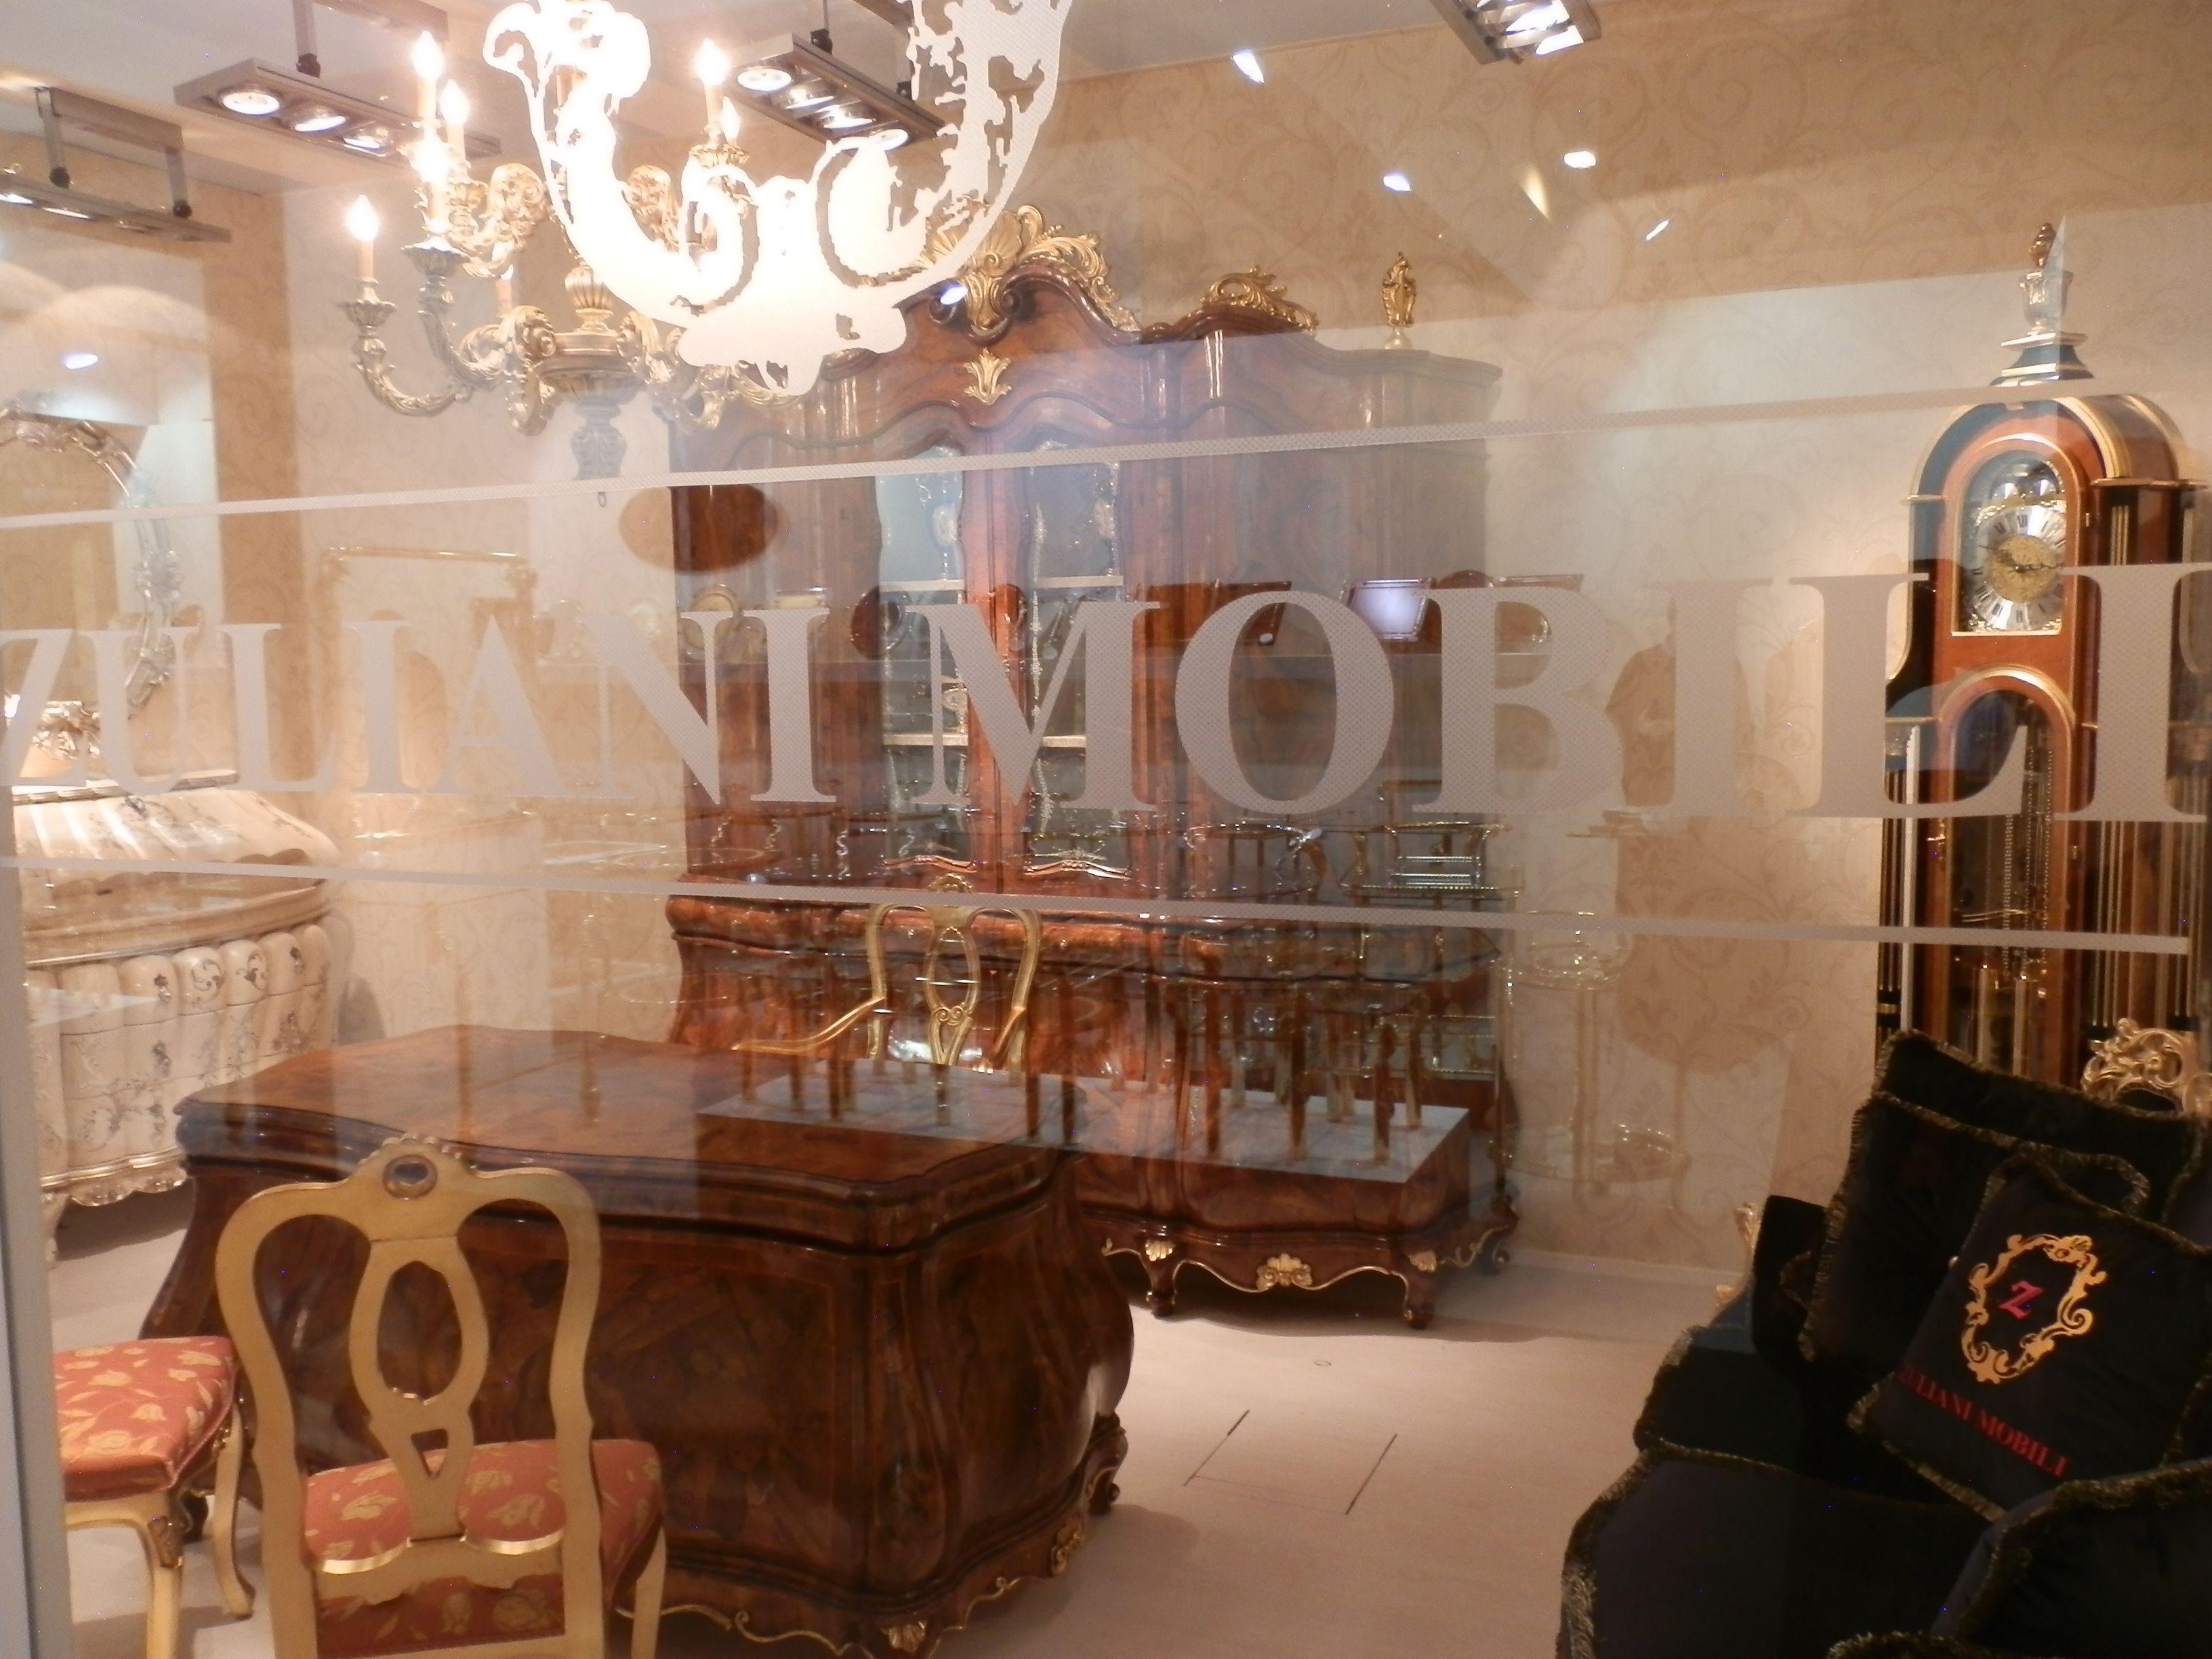 Mobili milani ~ Fiera dei mobili milano great fiera dei mobili milano with fiera